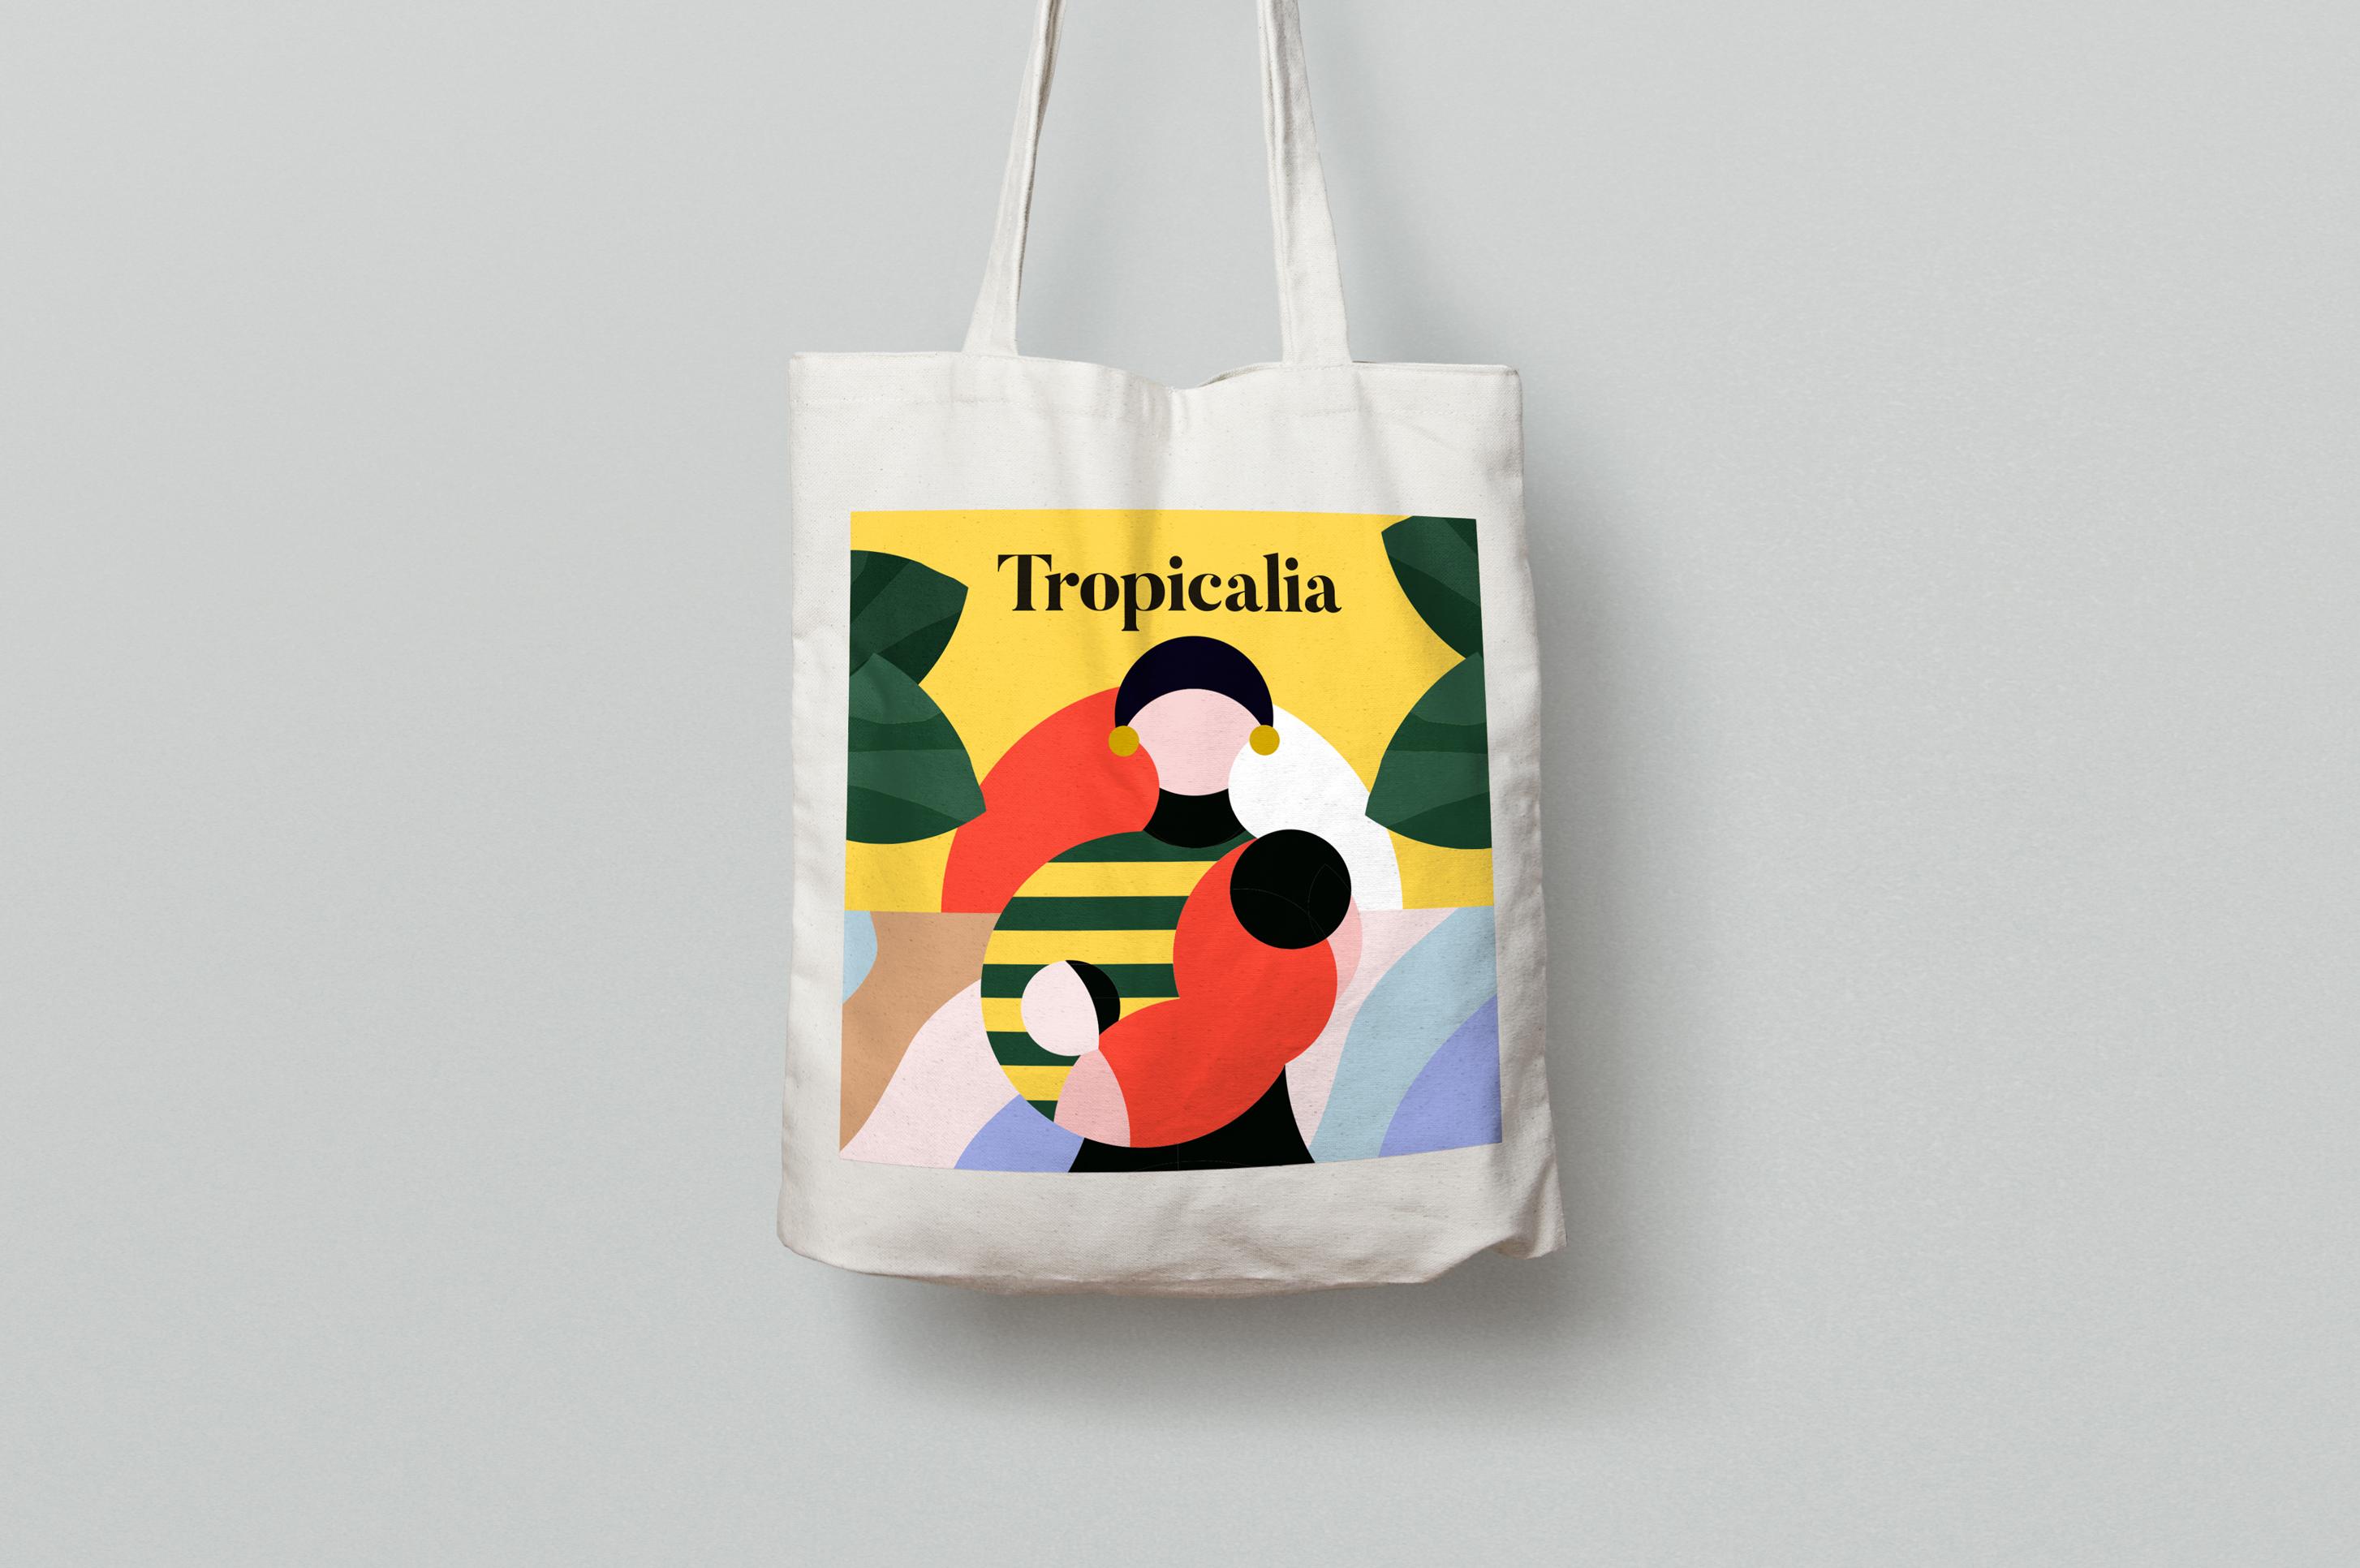 Tropicalia-1